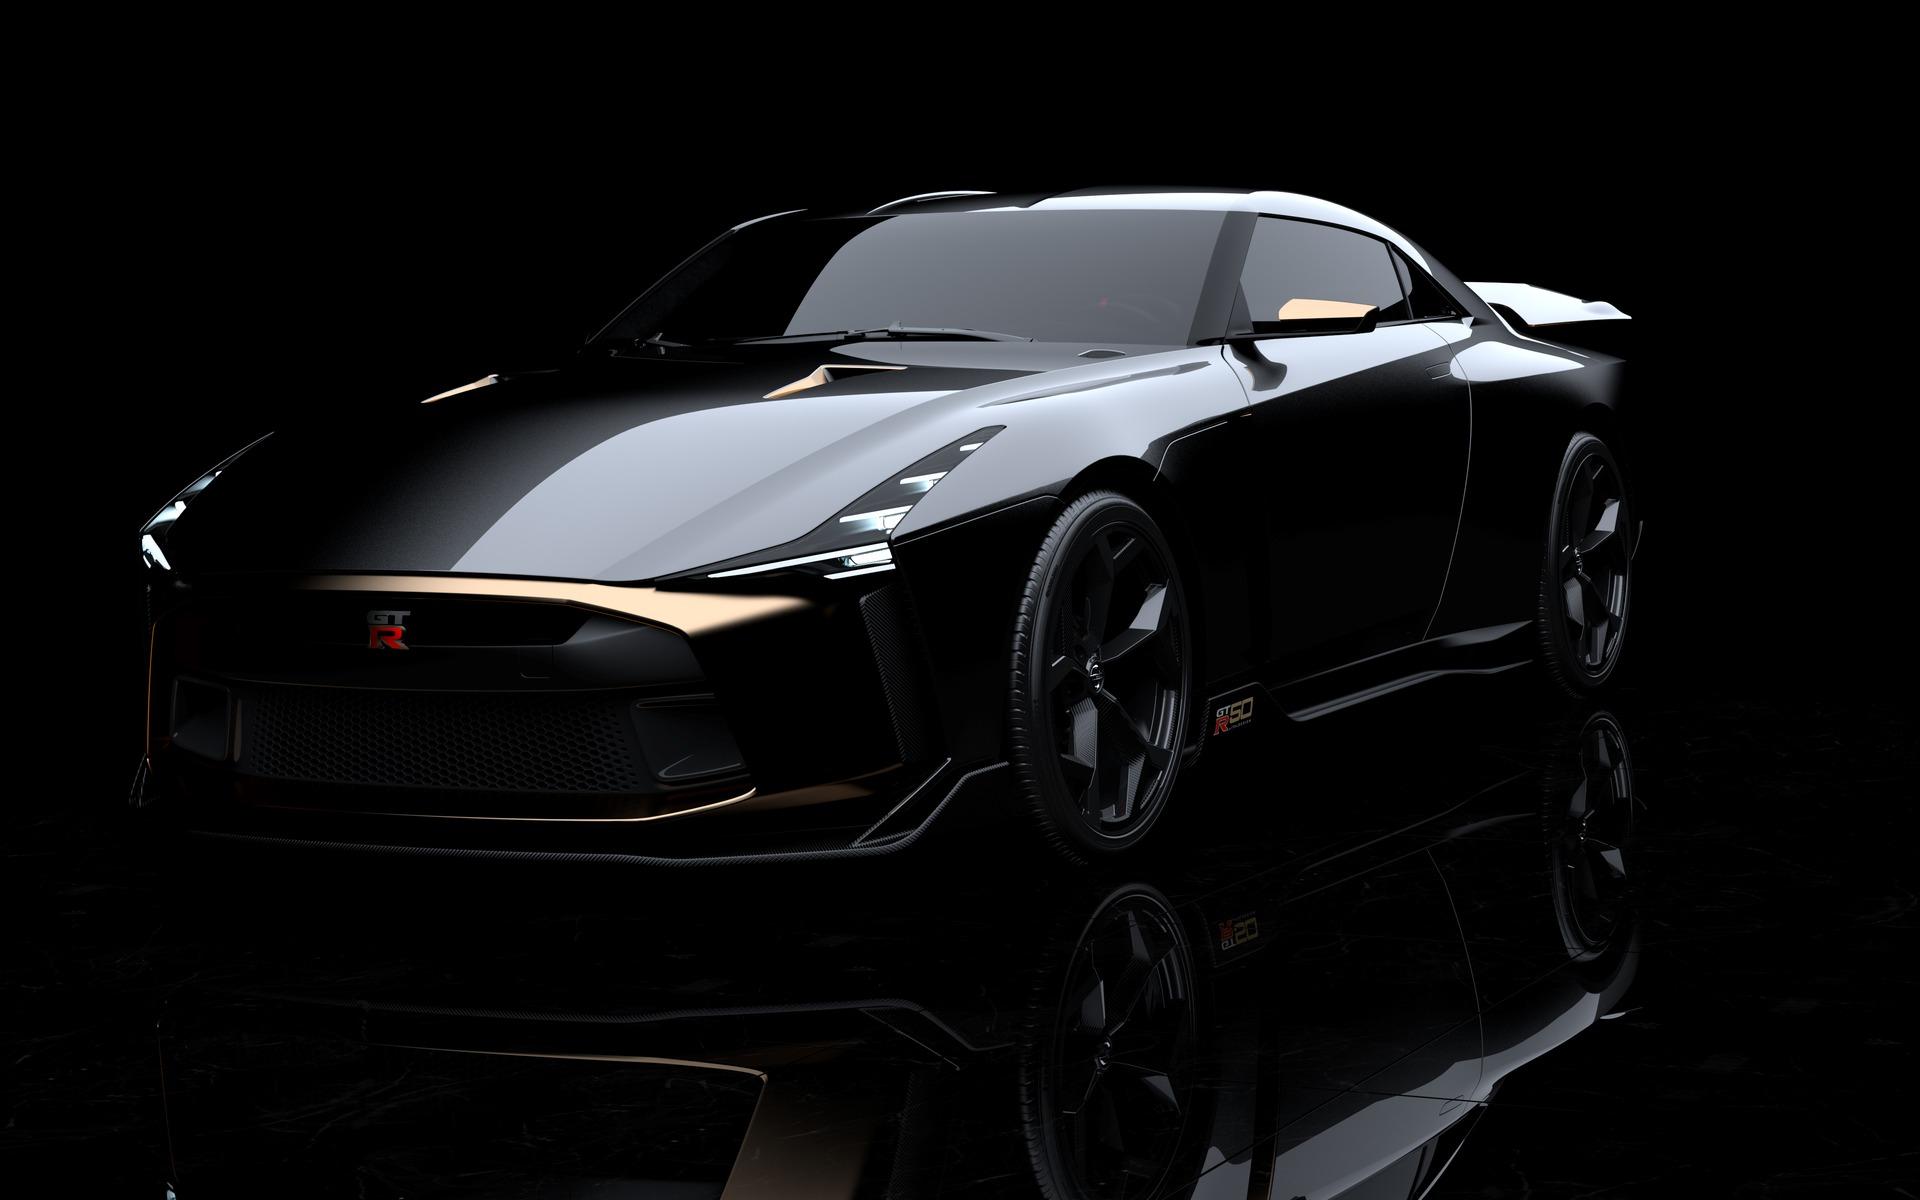 <p>Nissan GT-R ItalDesign</p>